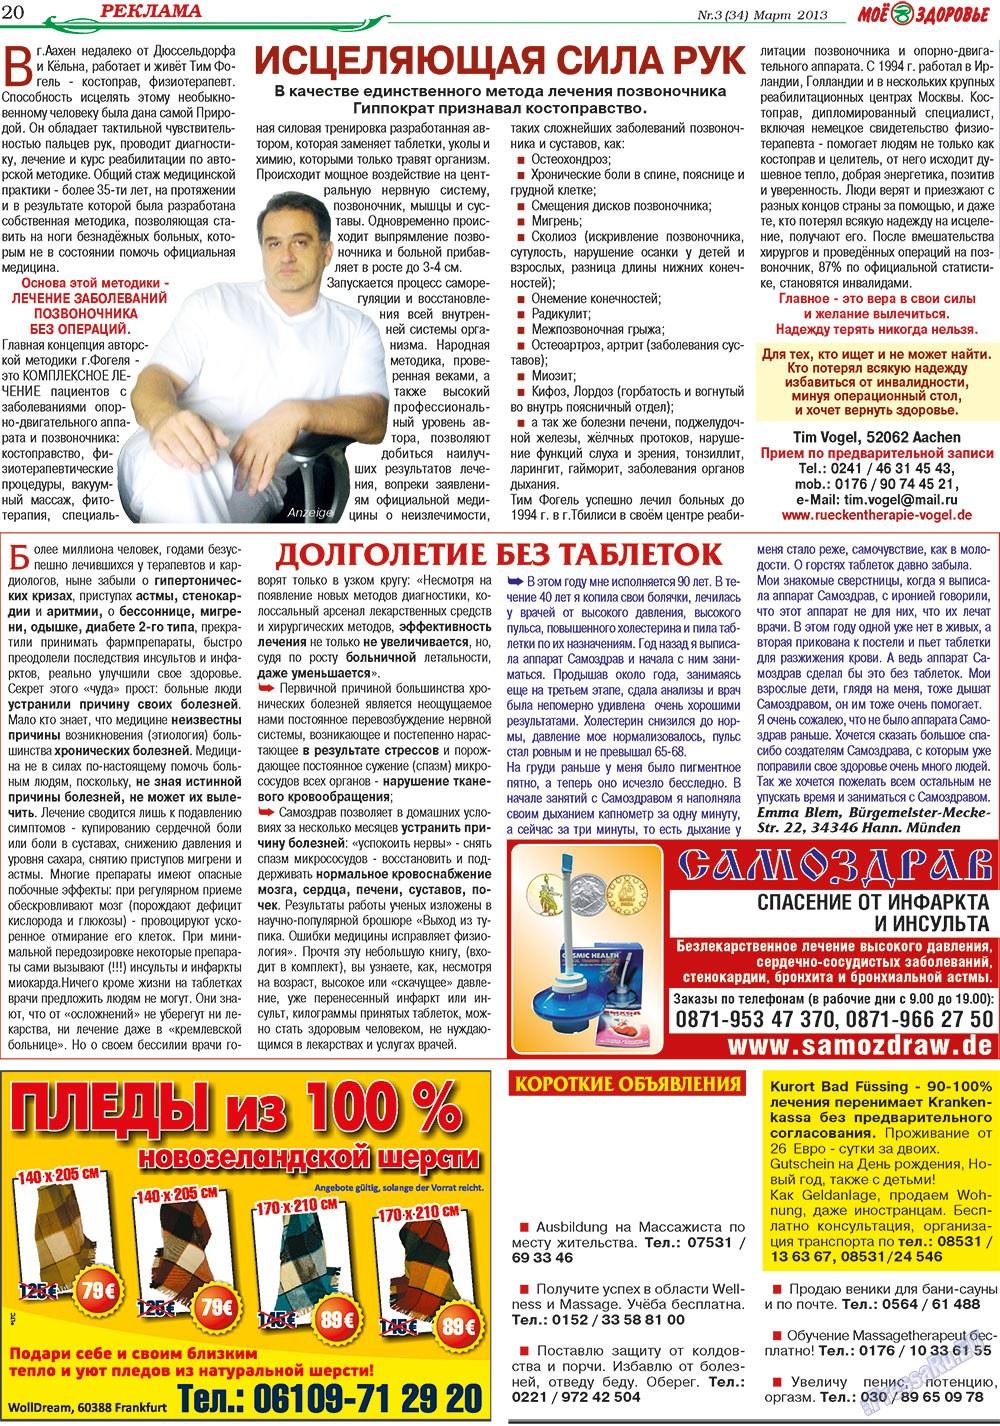 Кругозор (газета). 2013 год, номер 3, стр. 20